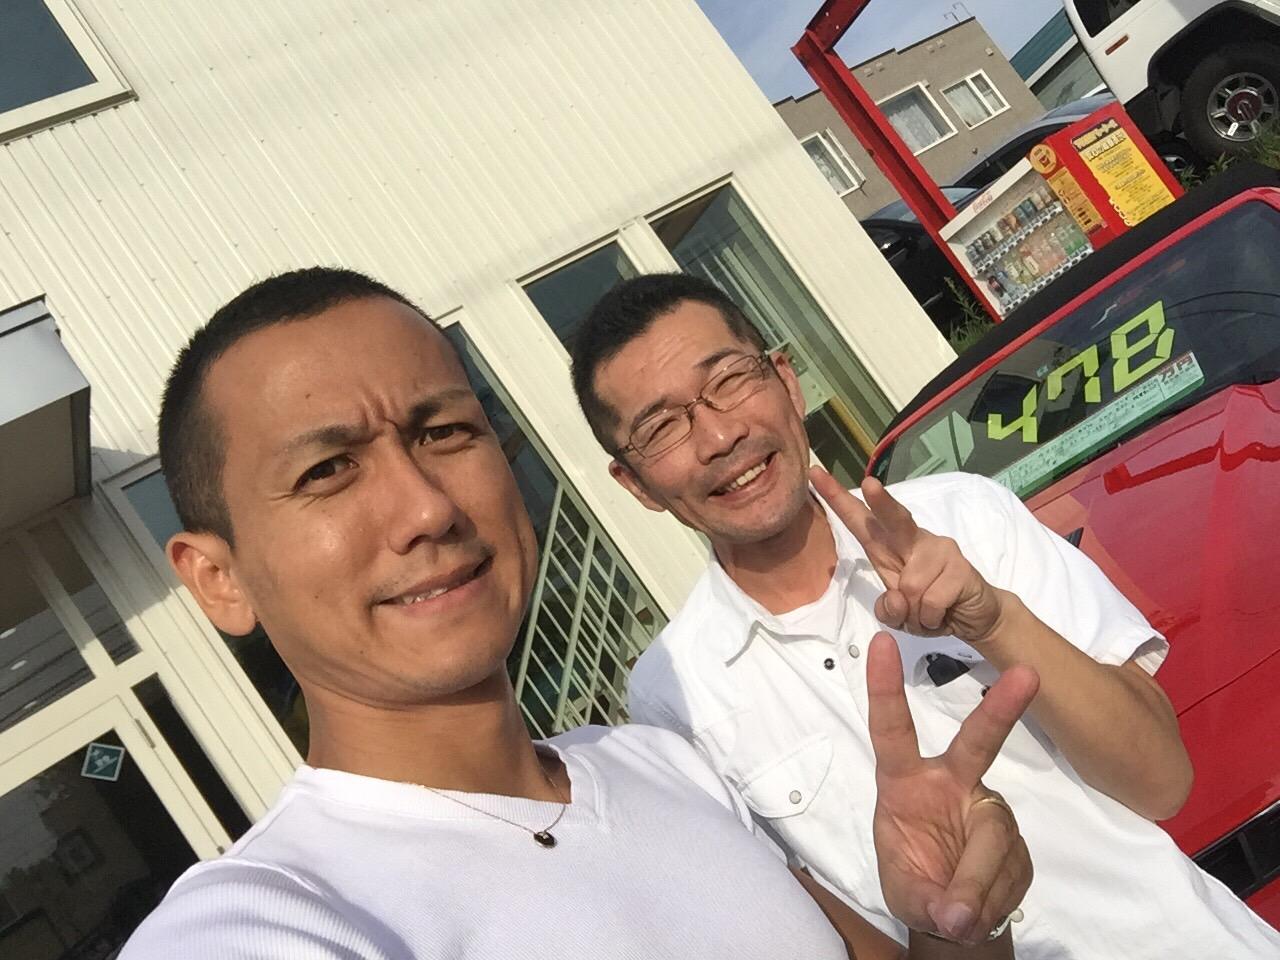 10月2日(日) 日曜日のまさブロヽ(^o^)丿 トミーベース開店間近♫TOMMY _b0127002_17363881.jpg